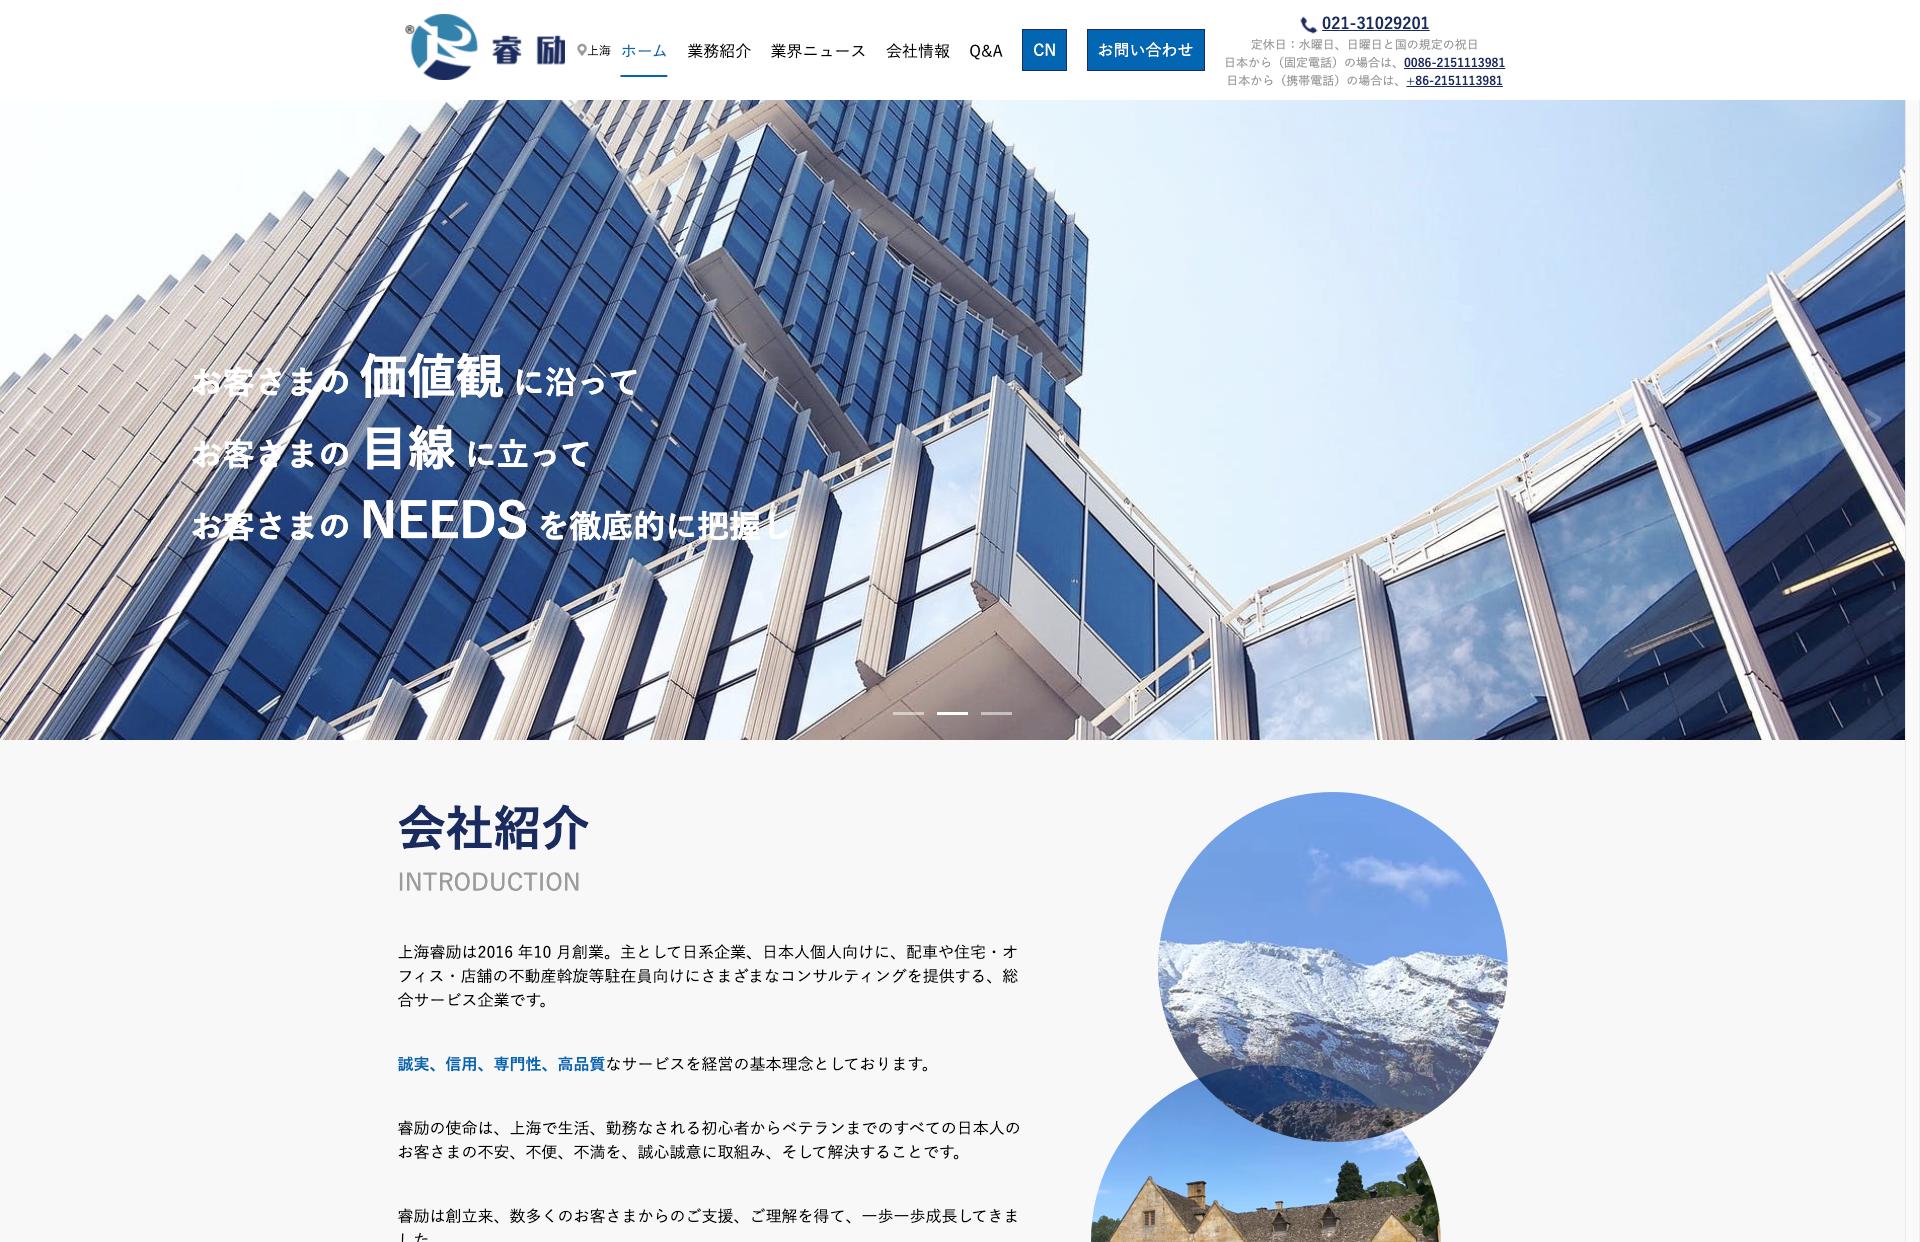 上海睿励企业管理有限公司